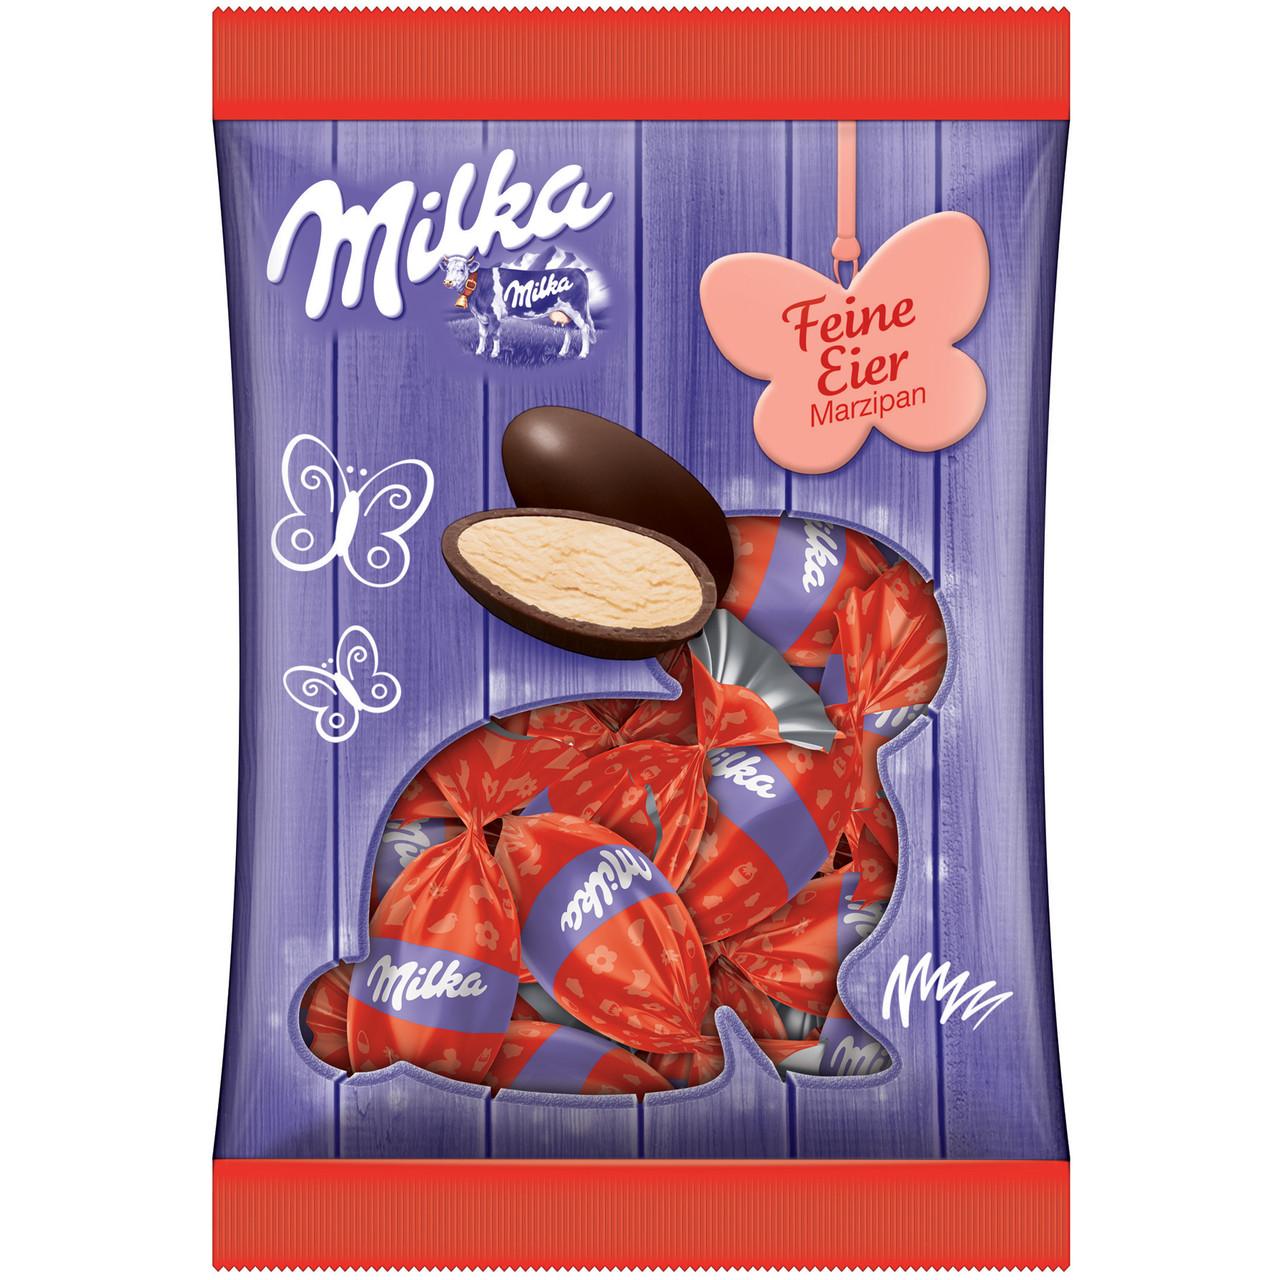 Шоколадные яички Milka «Feine Eier Marzipan» (С марципановой начинкой), 90 г.